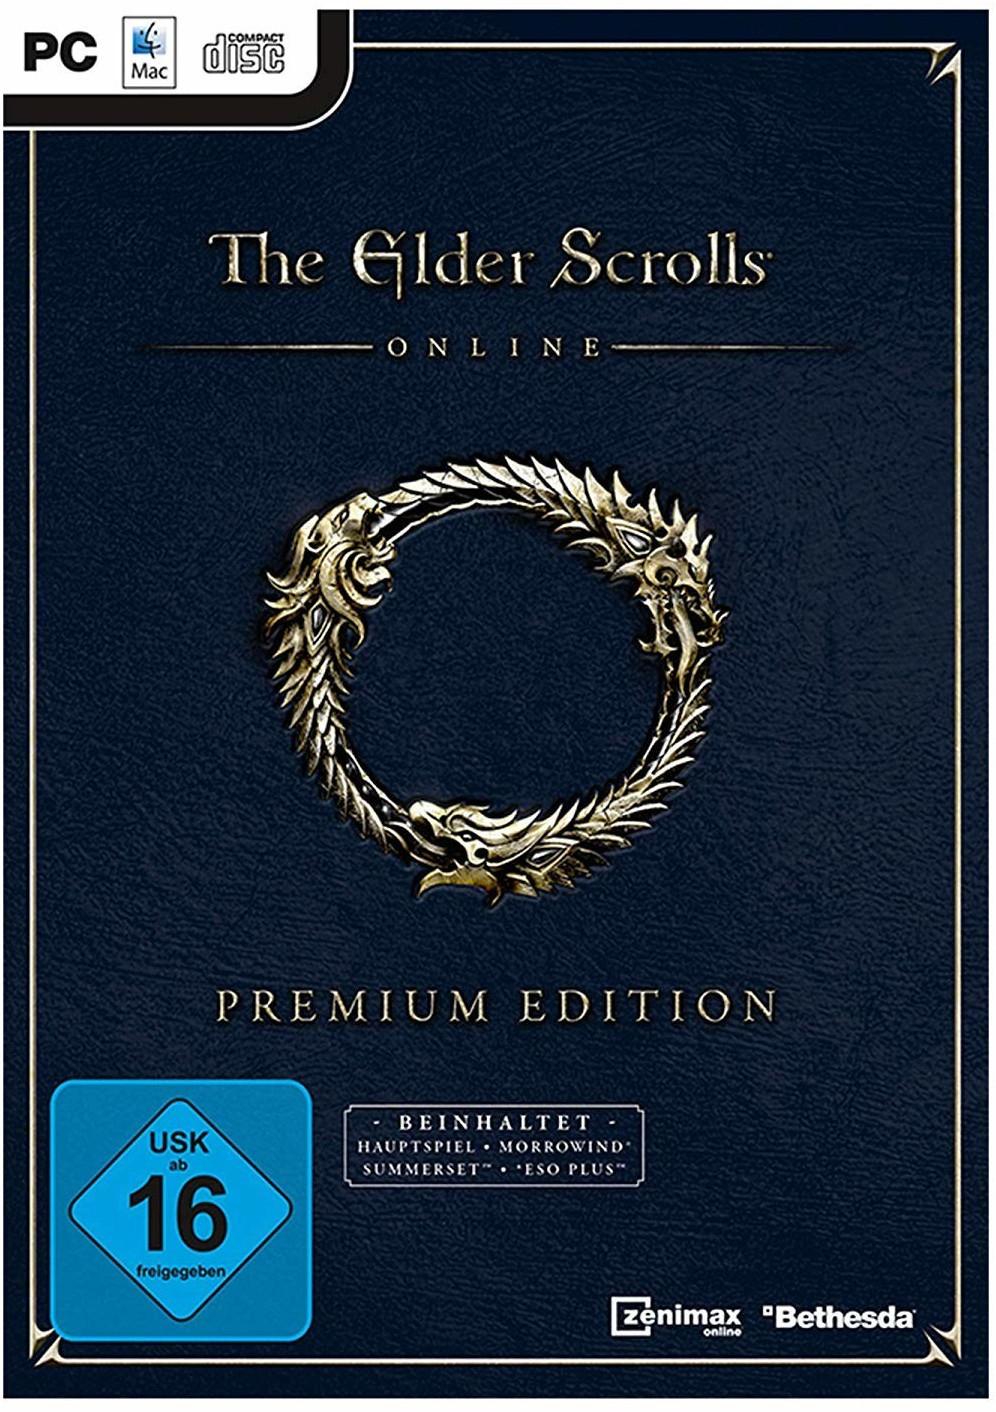 The Elder Scrolls Online: Premium Edition inkl. 3 Monate ESO Plus (PC) für 19,99€ bzw. für 16,99€ (Müller & Amazon Prime)